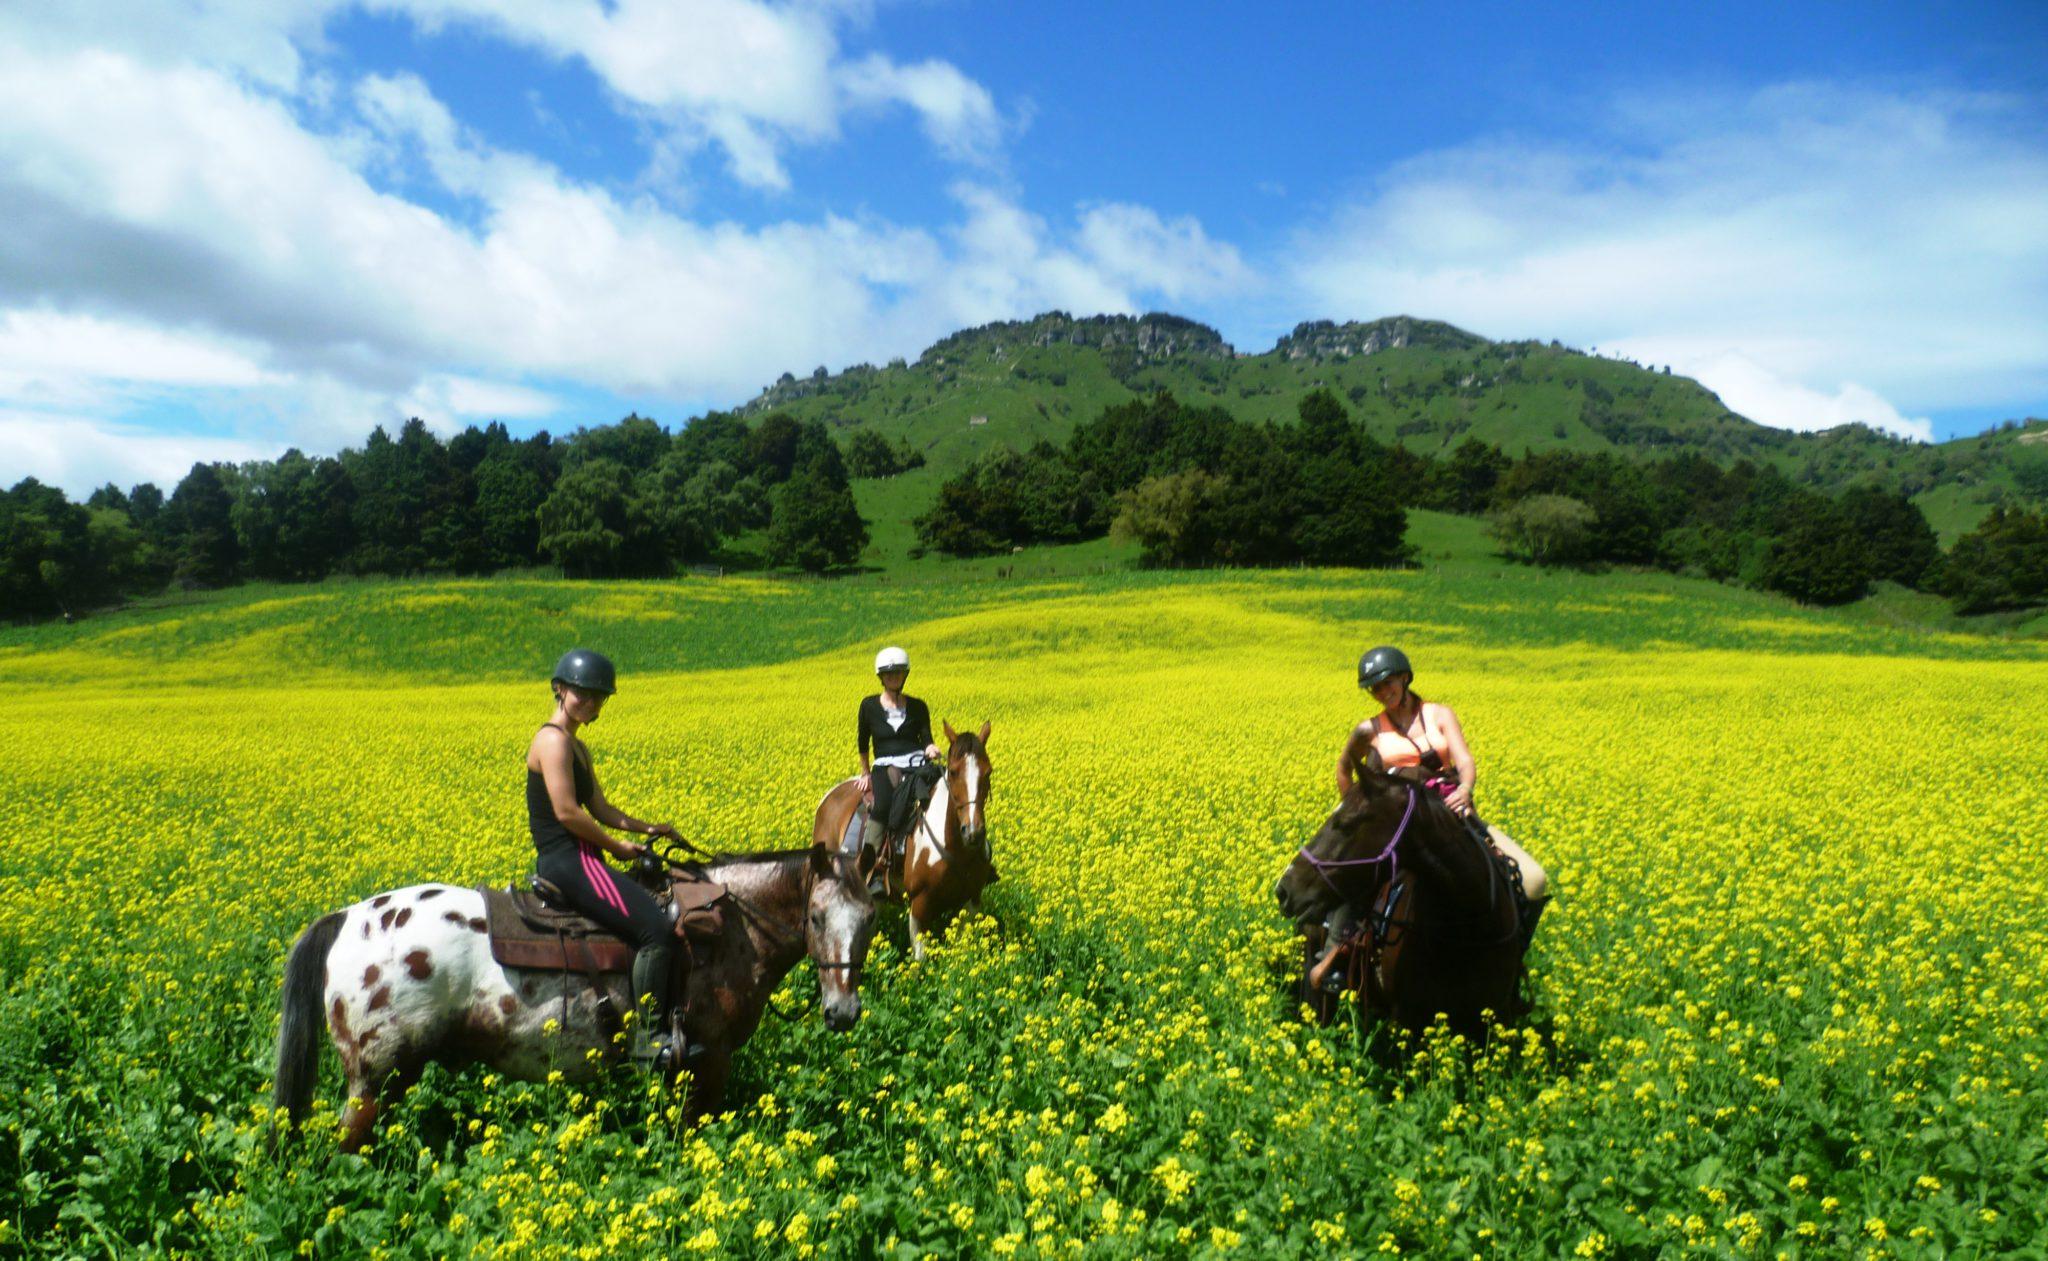 Harmony With Horses: Half day New Zealand horse riding experience